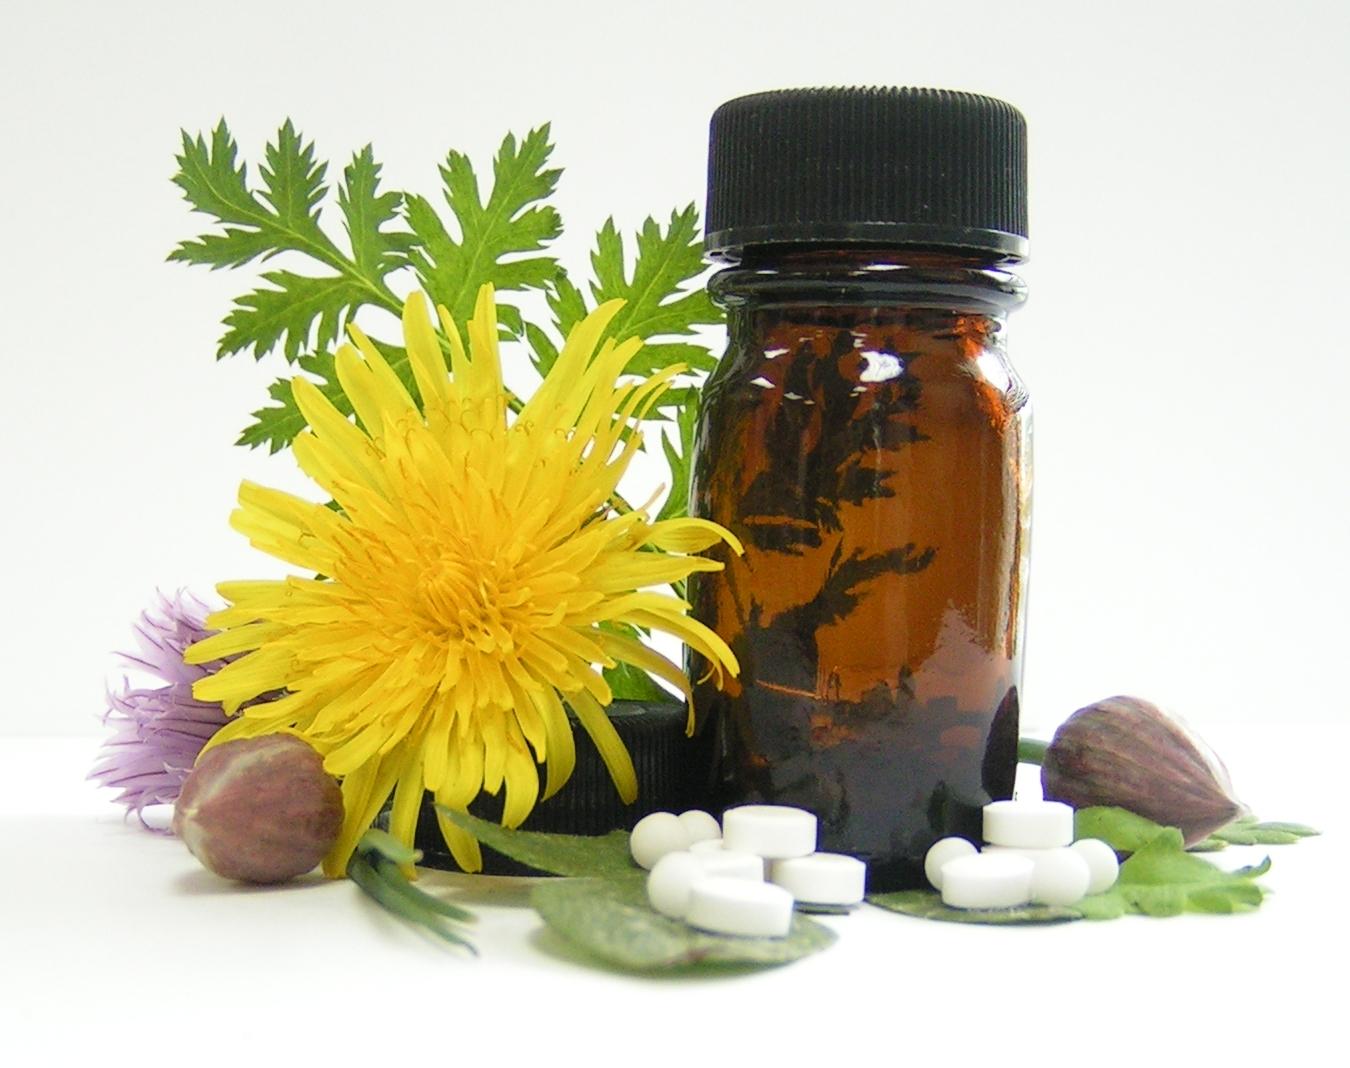 quimica_viva_plantas_medicinais_freeimages_com